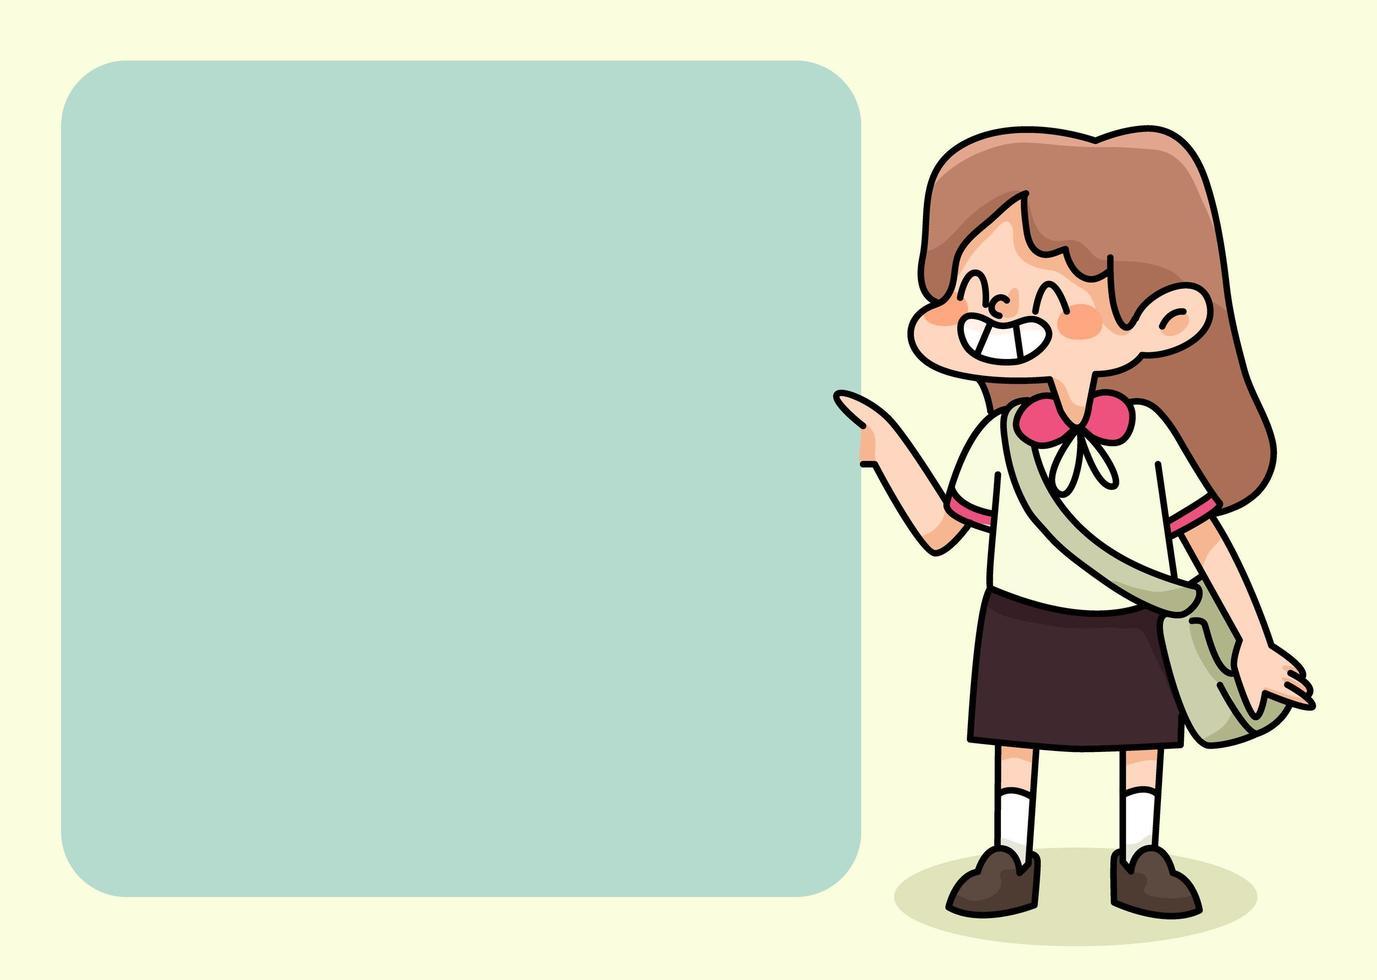 Notizblock niedliche Schülerentwürfe zurück zur Schule, um tägliche Notizen aufzulisten vektor